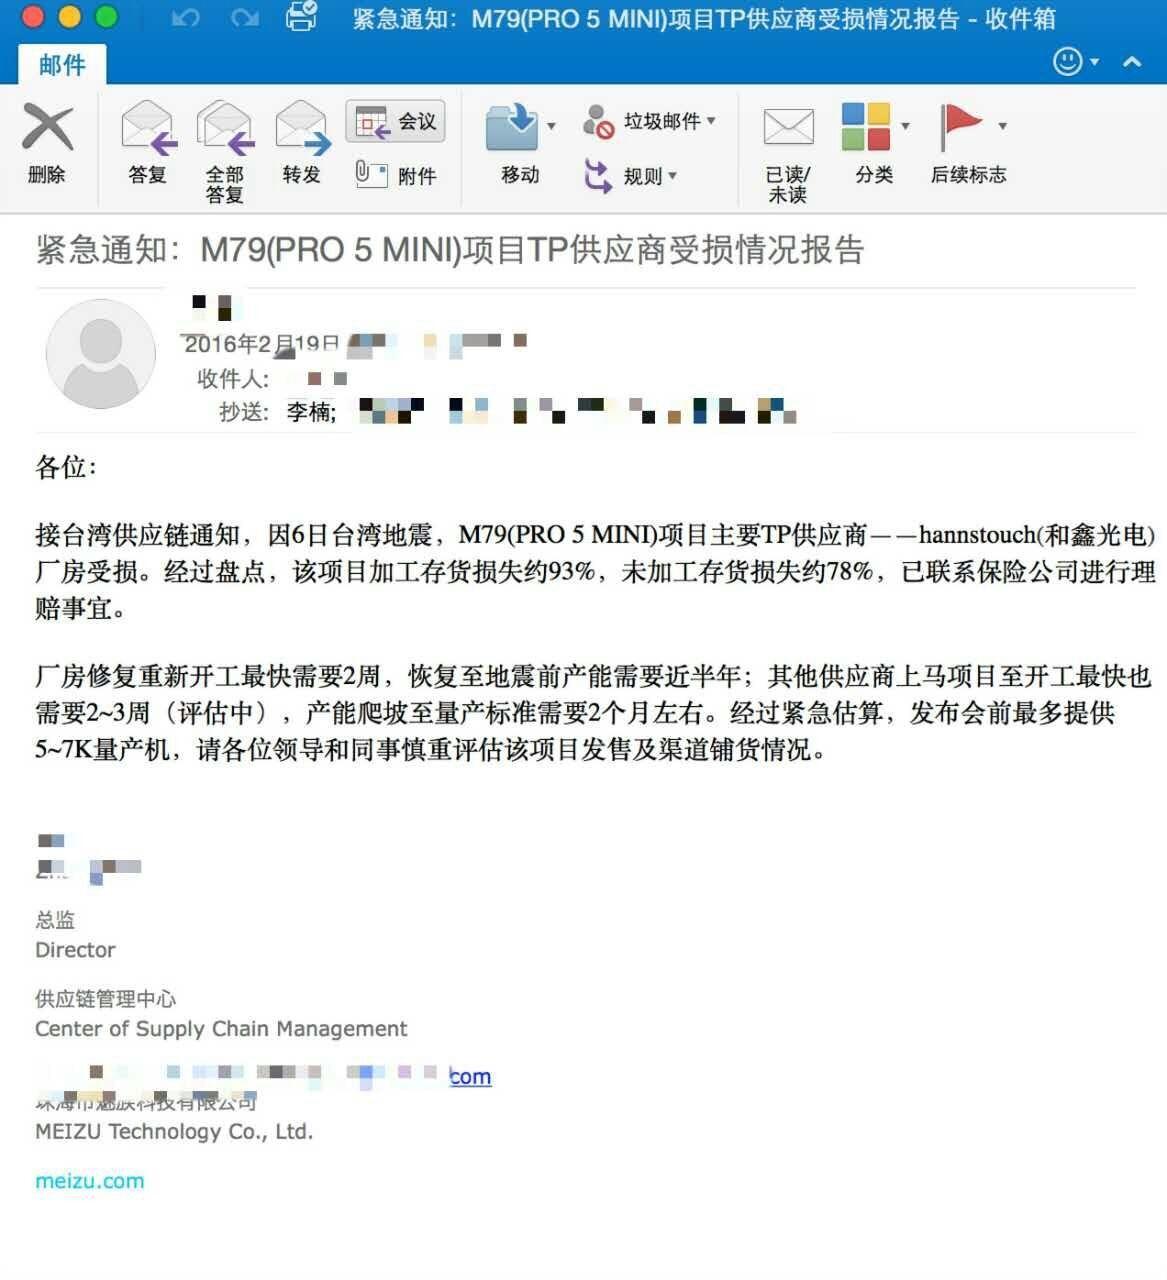 2月6日に起きた台湾での地震でタッチパネルの供給元、HannsTouch(和鑫光電)がダメージを受けたためMeizu Pro 5 miniへの供給が遅れるというメールがリーク